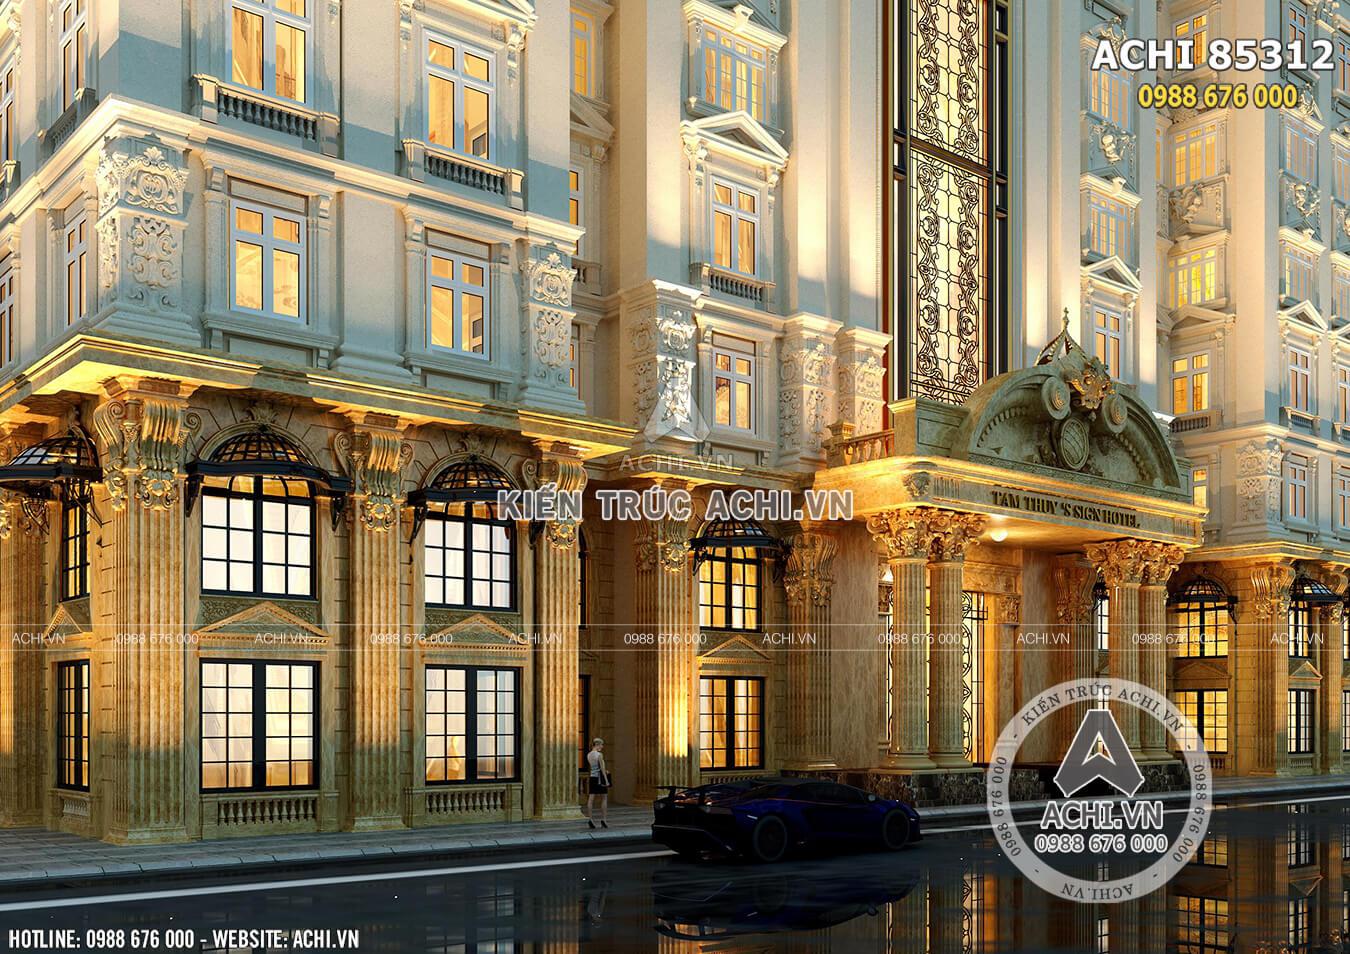 Một góc view đẹp, sang trọng và xa hoa của mẫu thiết kế tổ hợp văn phòng khách sạn tân cổ điển